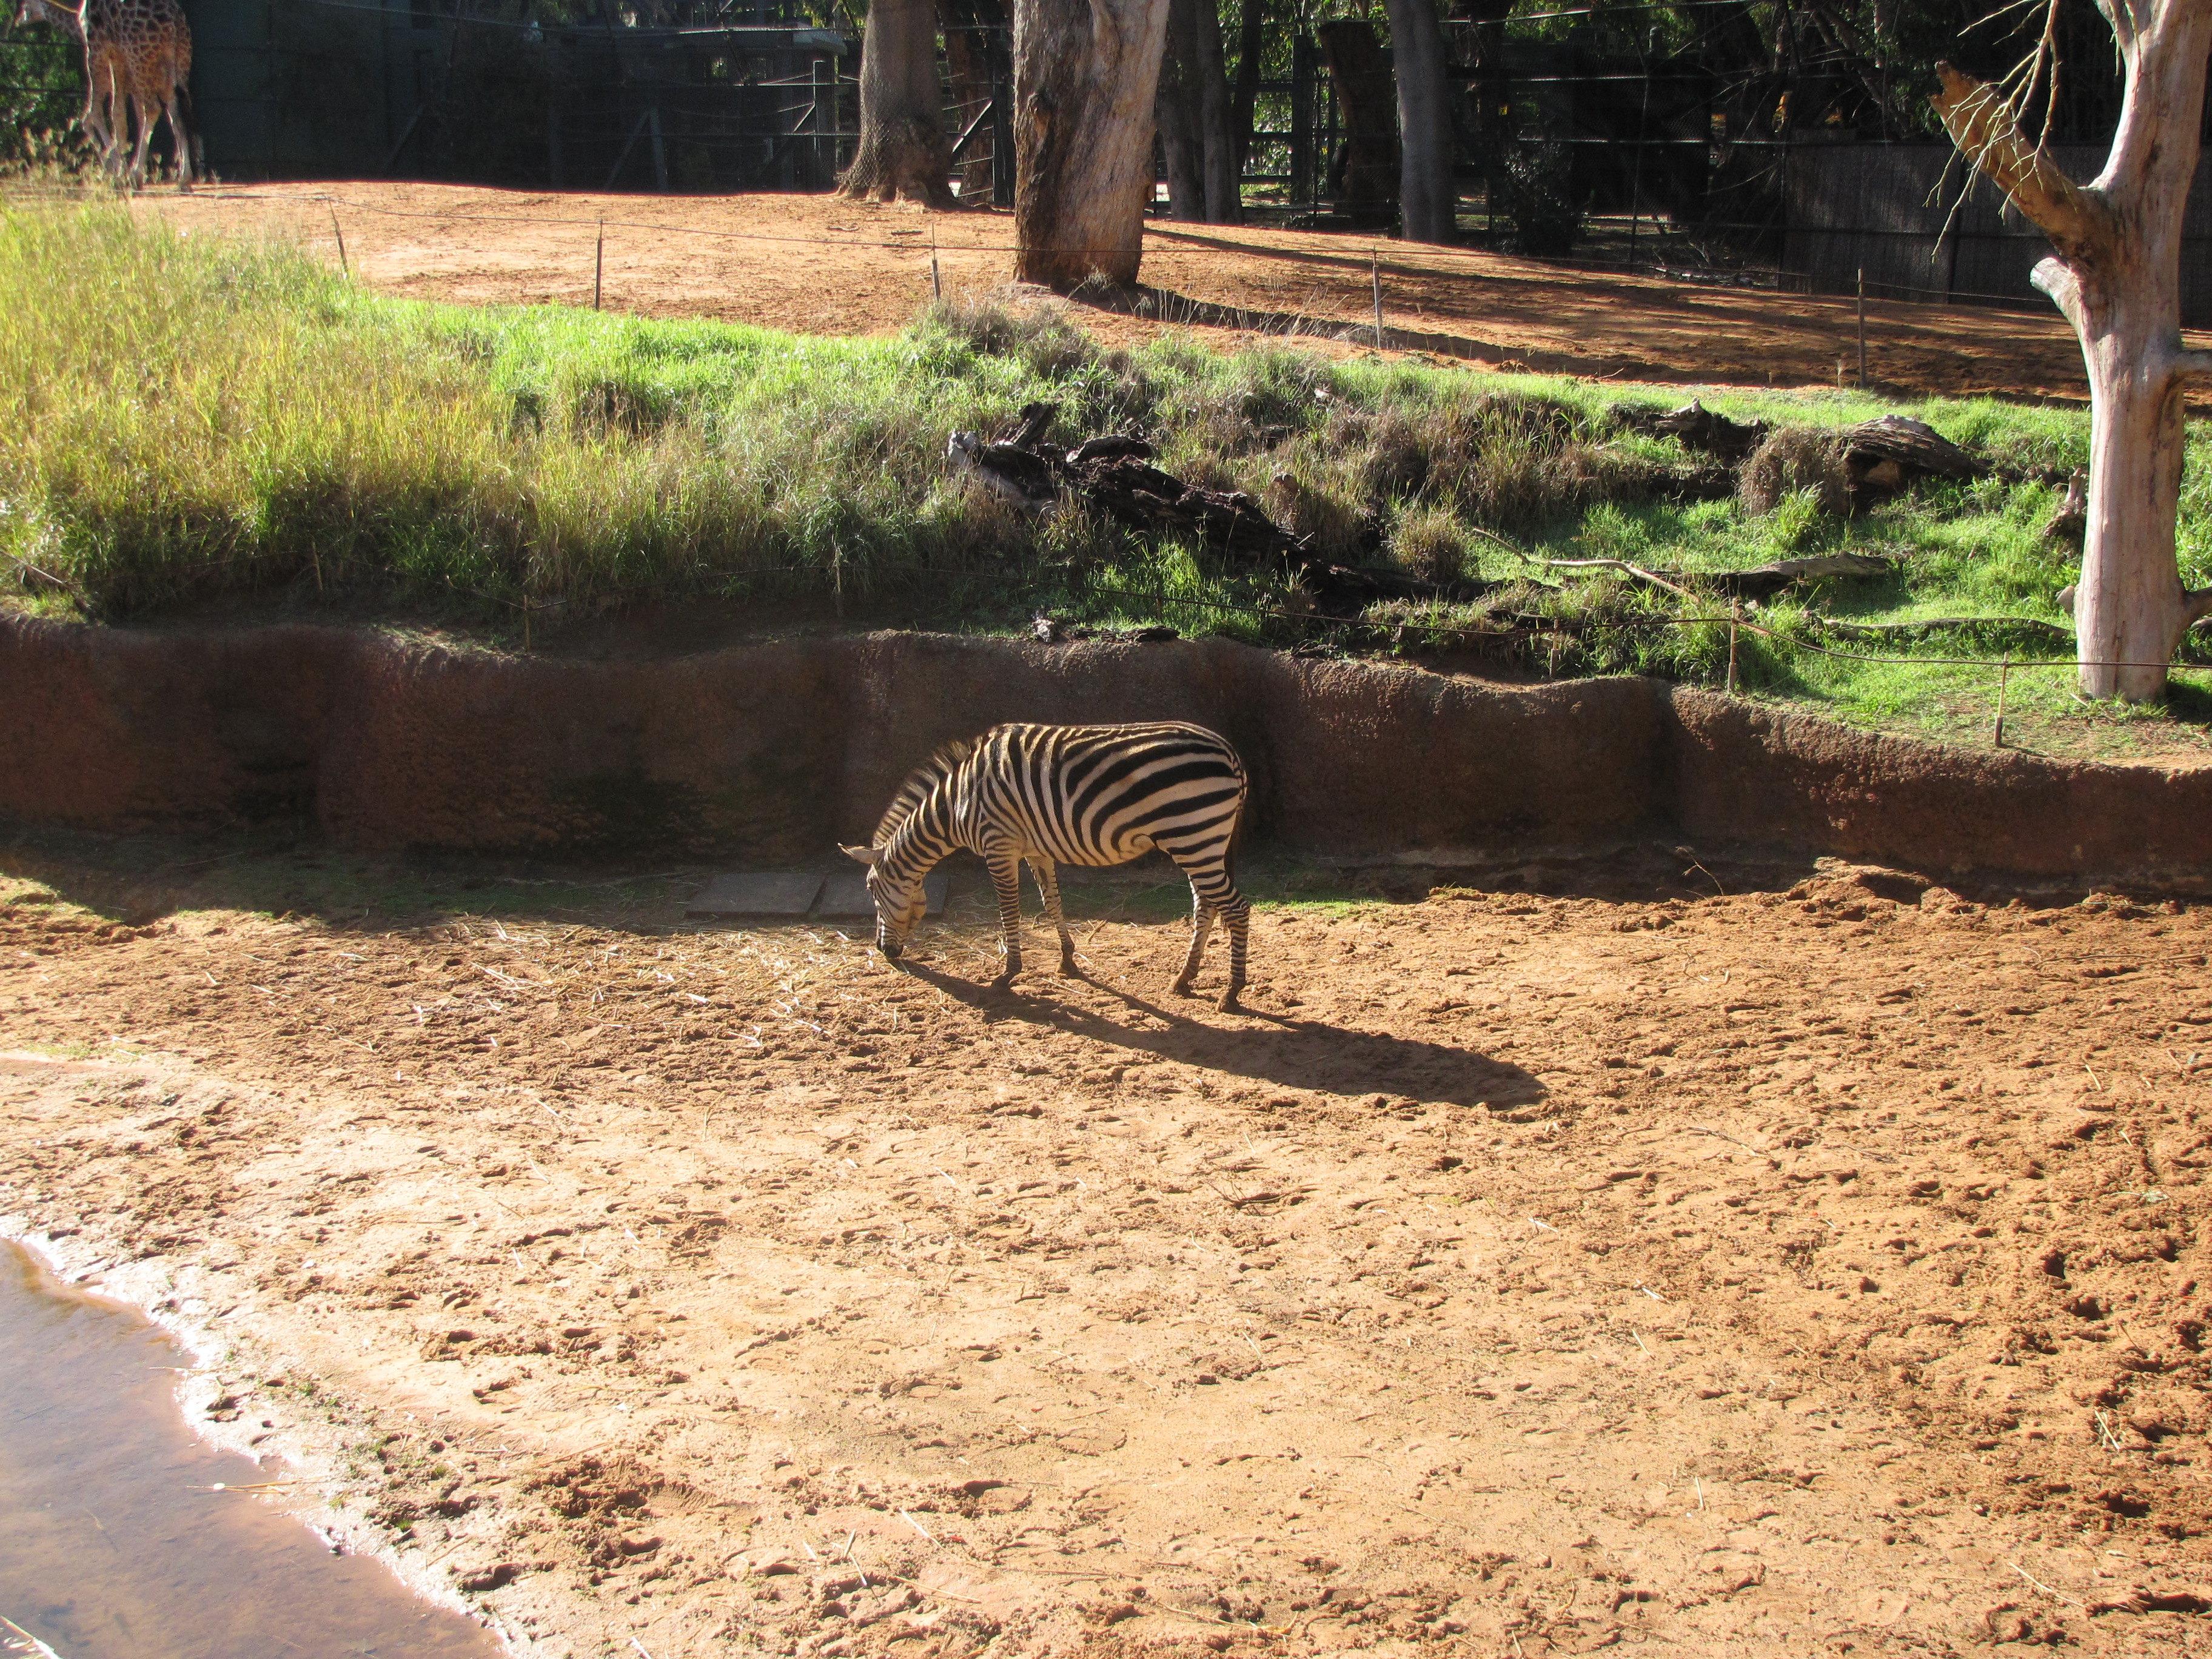 珀斯有一座设计奇巧的动物园